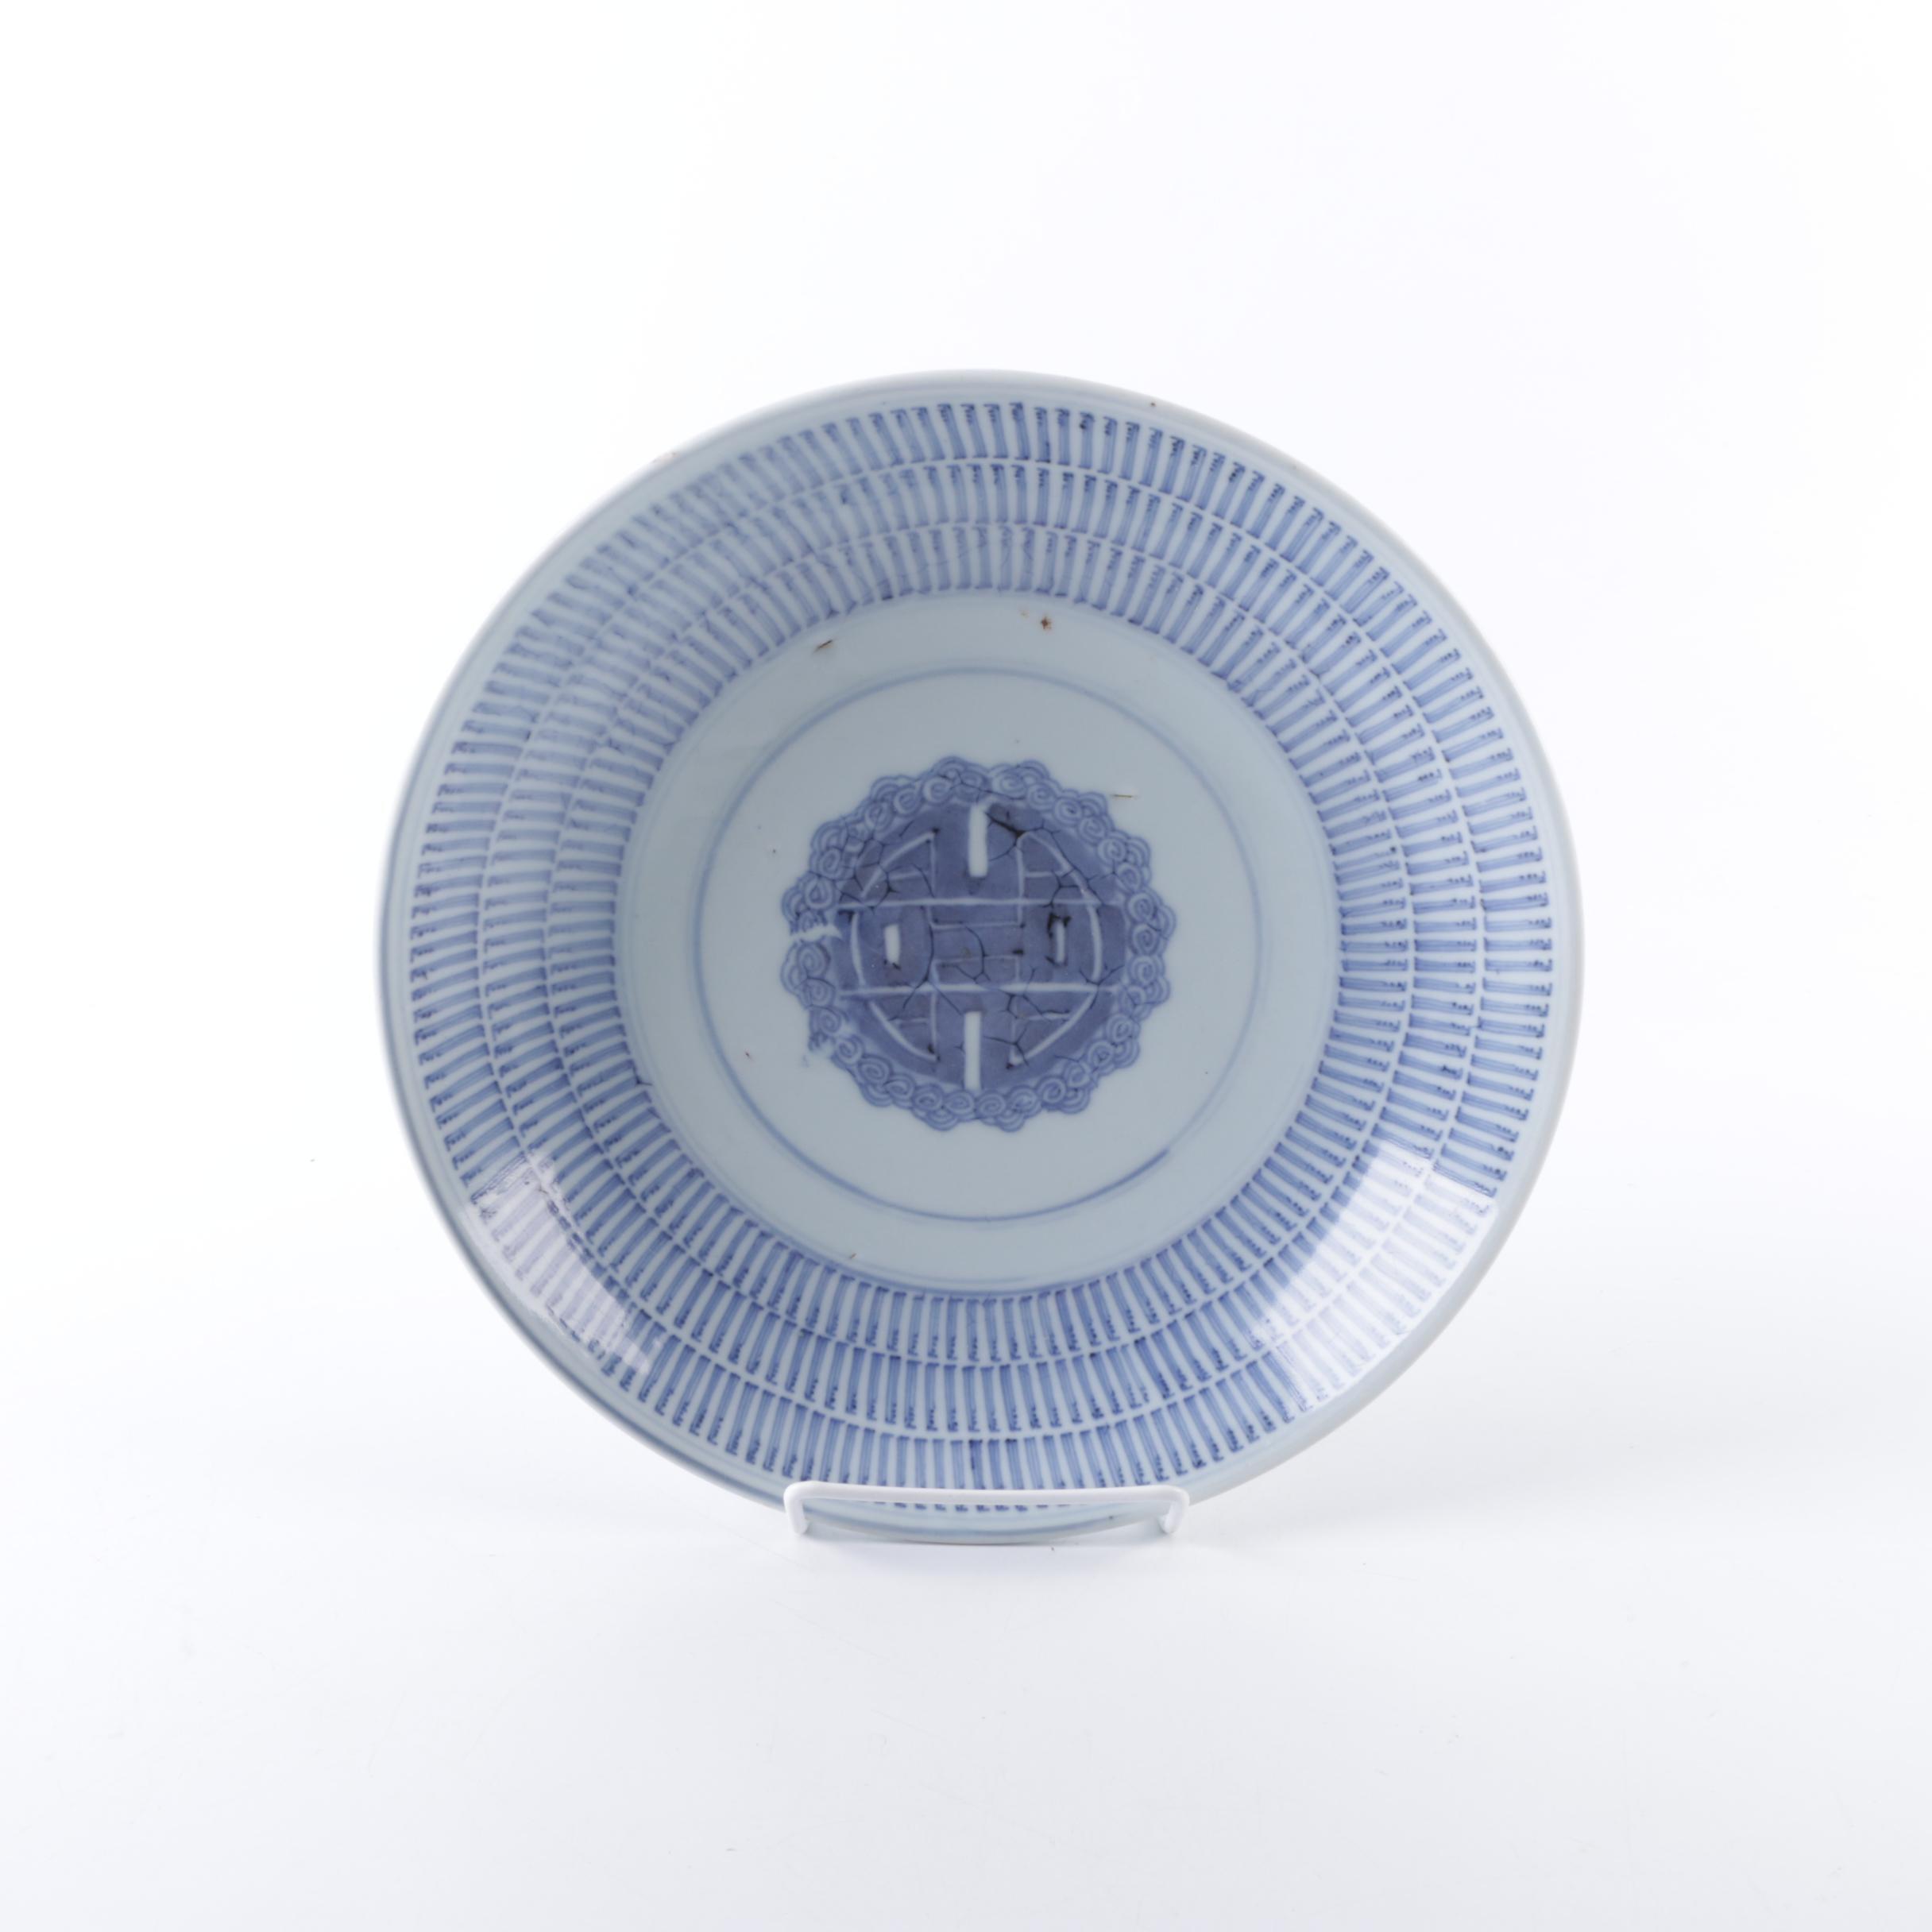 Vintage East Asian Ceramic Bowl